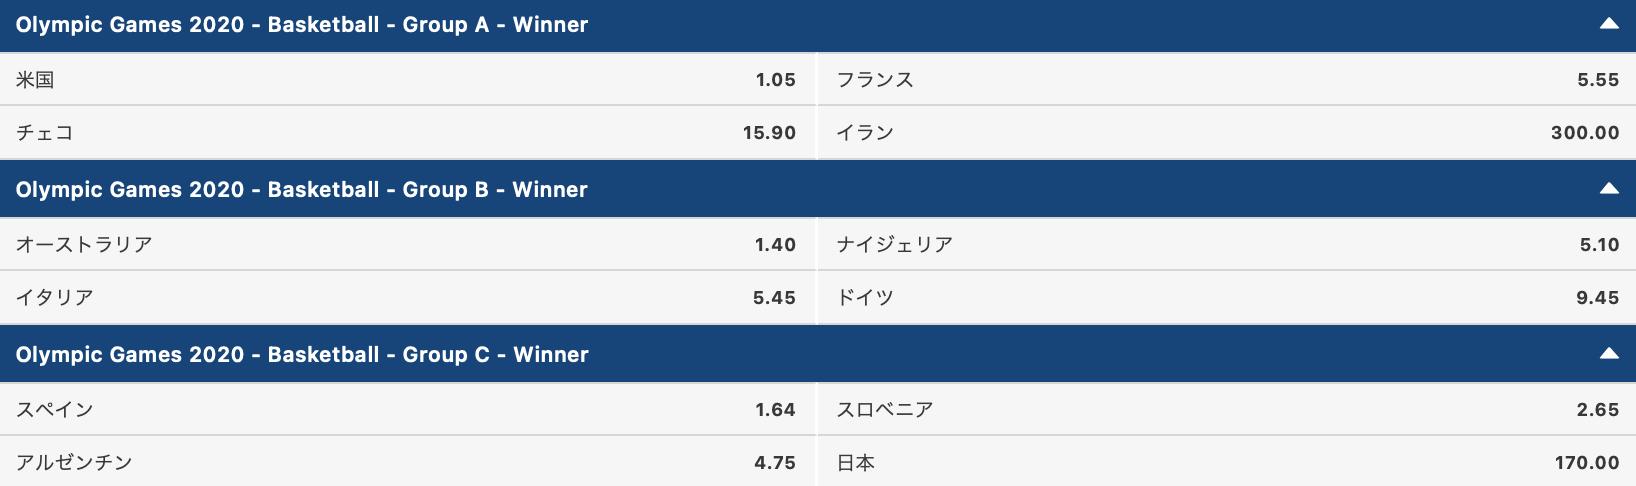 2020東京オリンピック男子バスケットボール・グループABC勝者予想